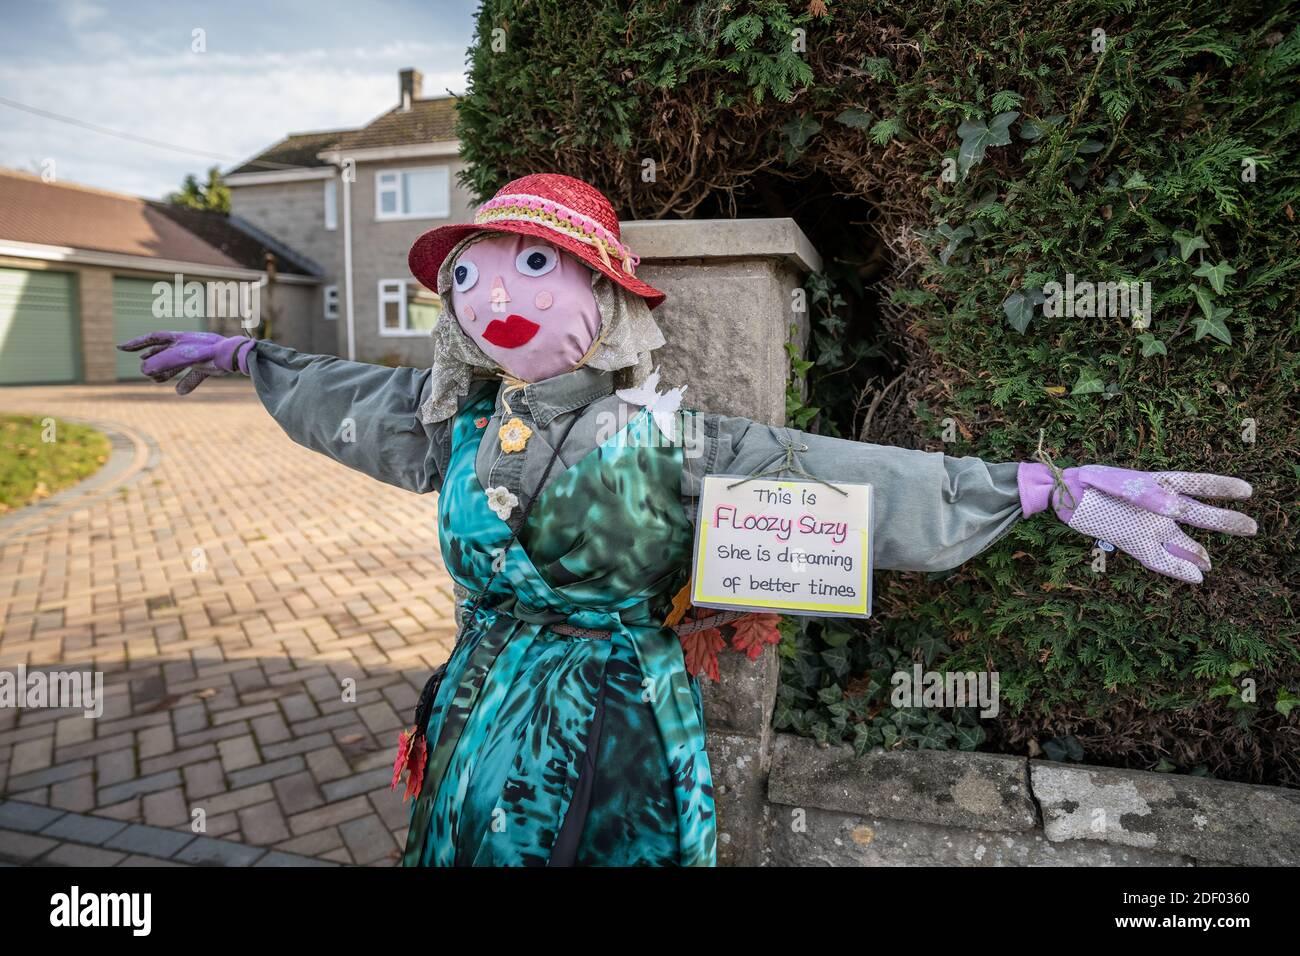 Coronavirus : les personnages de l'arnaque verrouillée apportent un peu d'humour local fait maison à la ville de Marston Magna, dans le Somerset, au Royaume-Uni. Banque D'Images